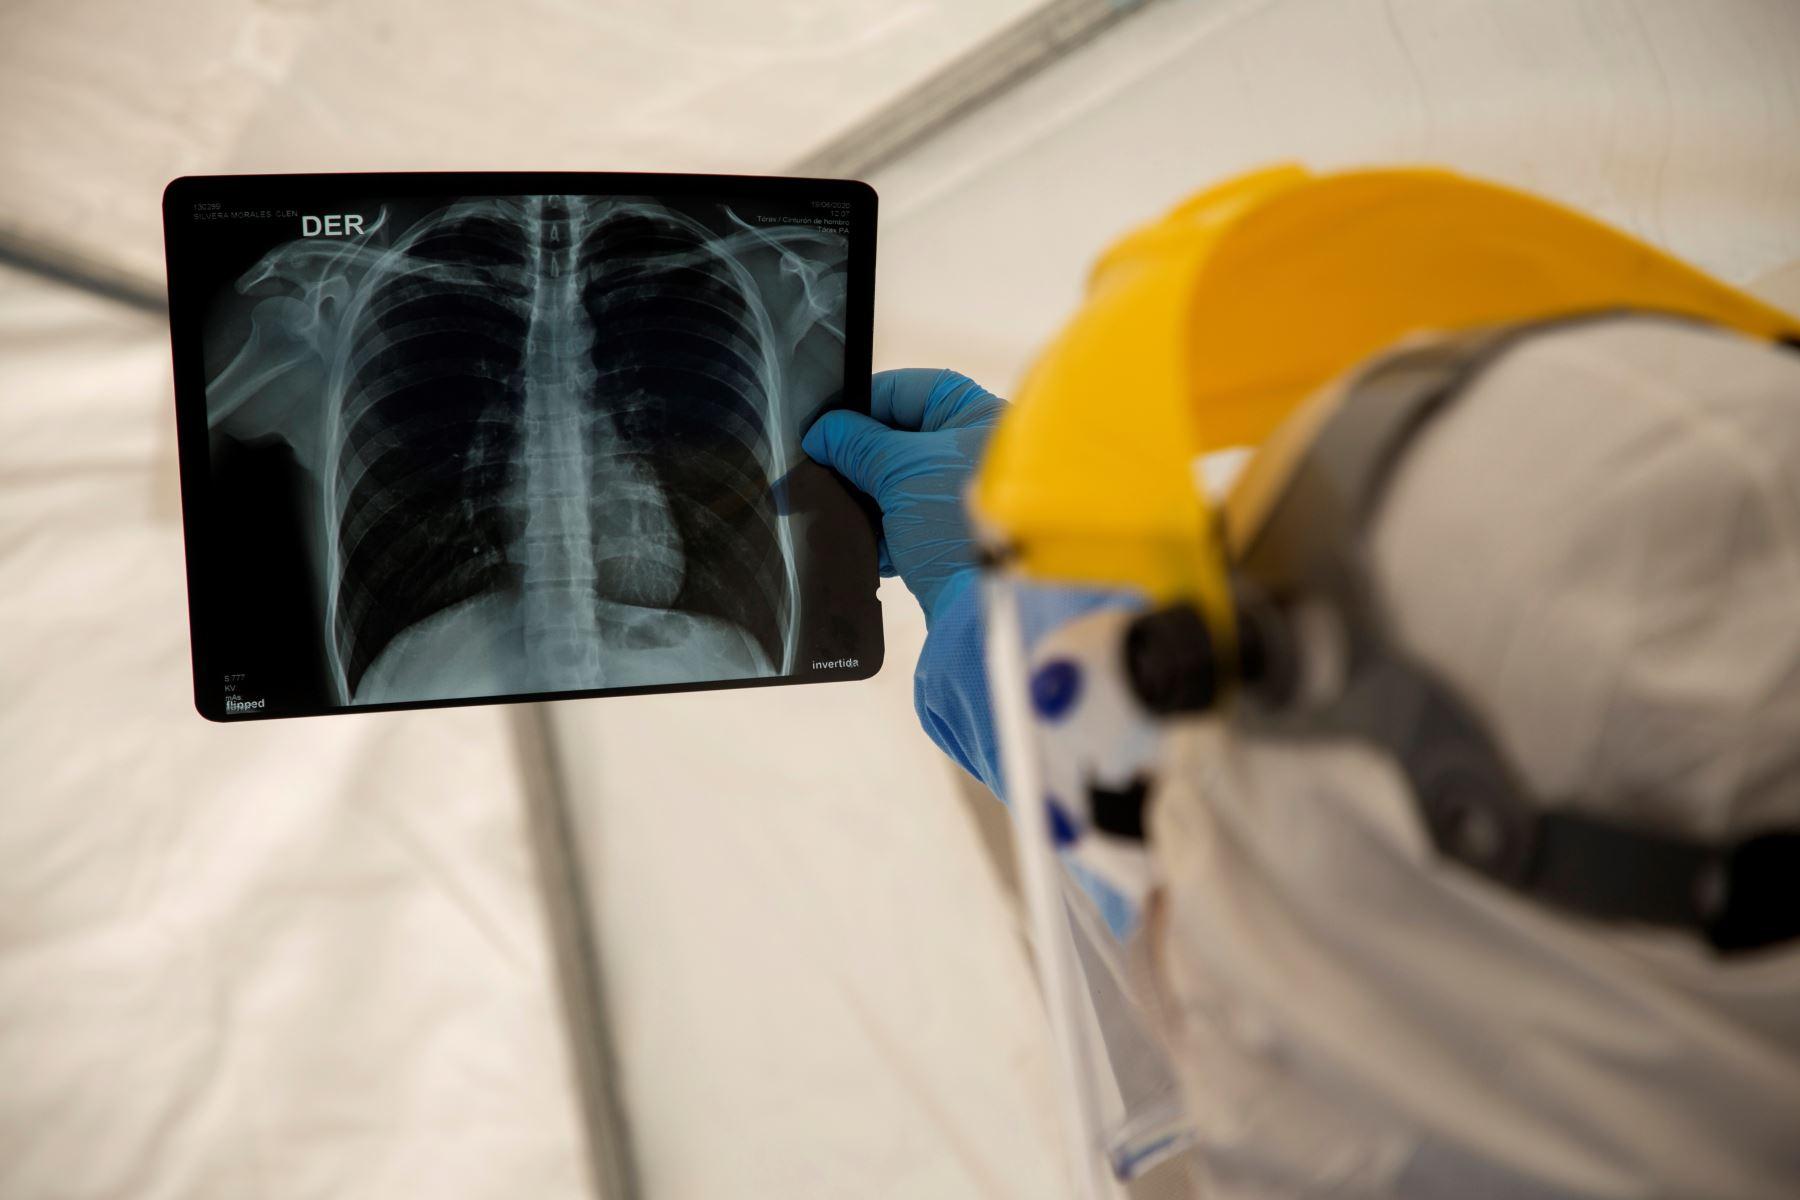 Ecuador registró en 2018 un promedio de 23 médicos y 15 enfermeras por cada 10,000 habitantes, según los datos oficiales más recientes. Foto: EFE/Archivo